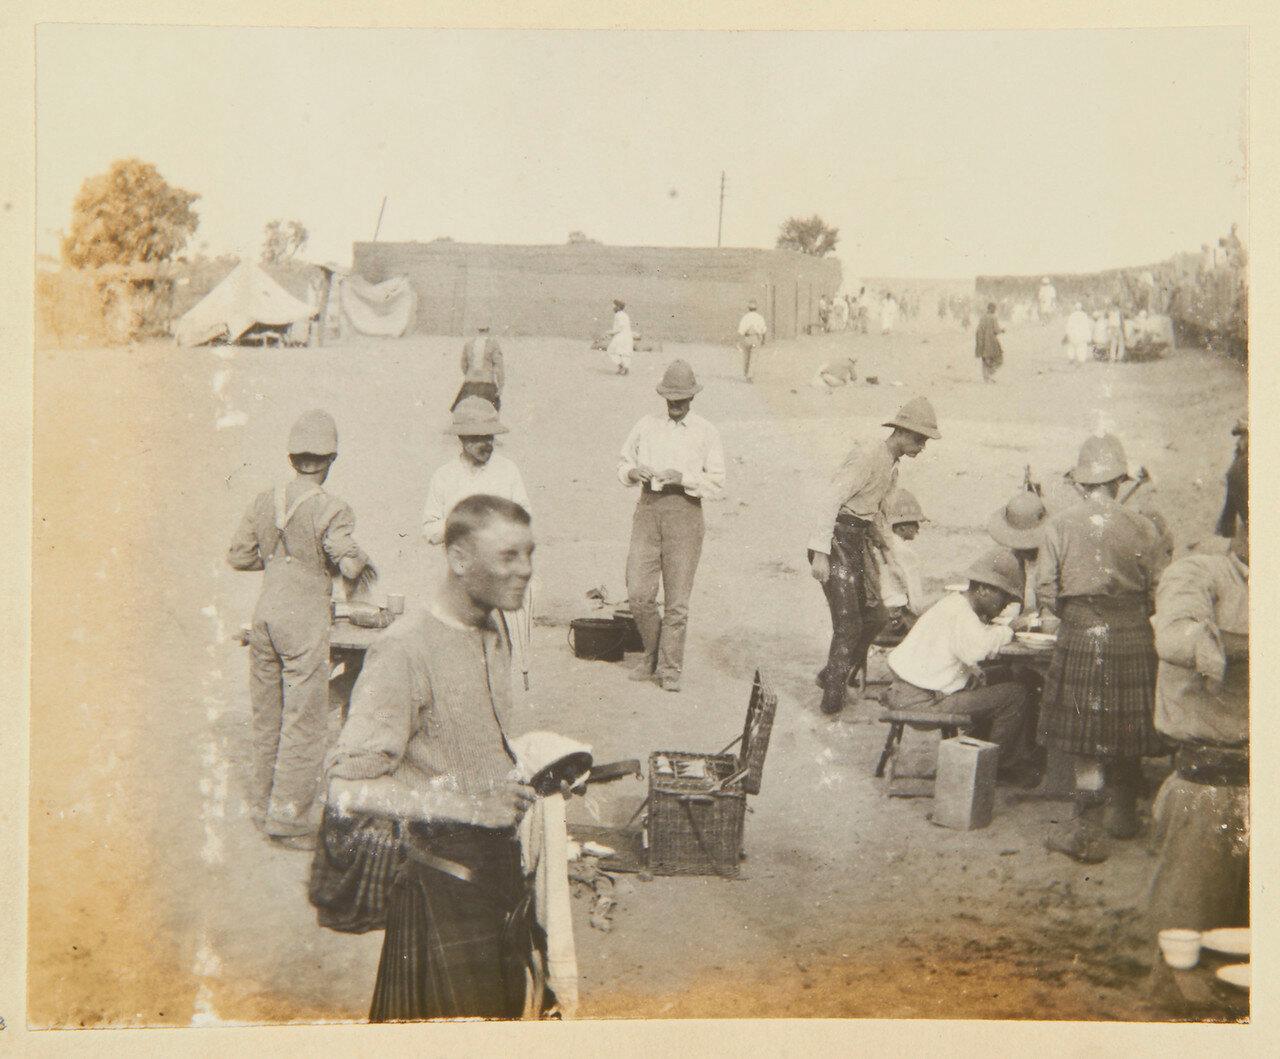 Завтрак Собственного королевского Камерон-хайлендерского полка в Абу-Хамеде.  Лейтенант Достопочтенный Мейтленд. 14 сентября 1898